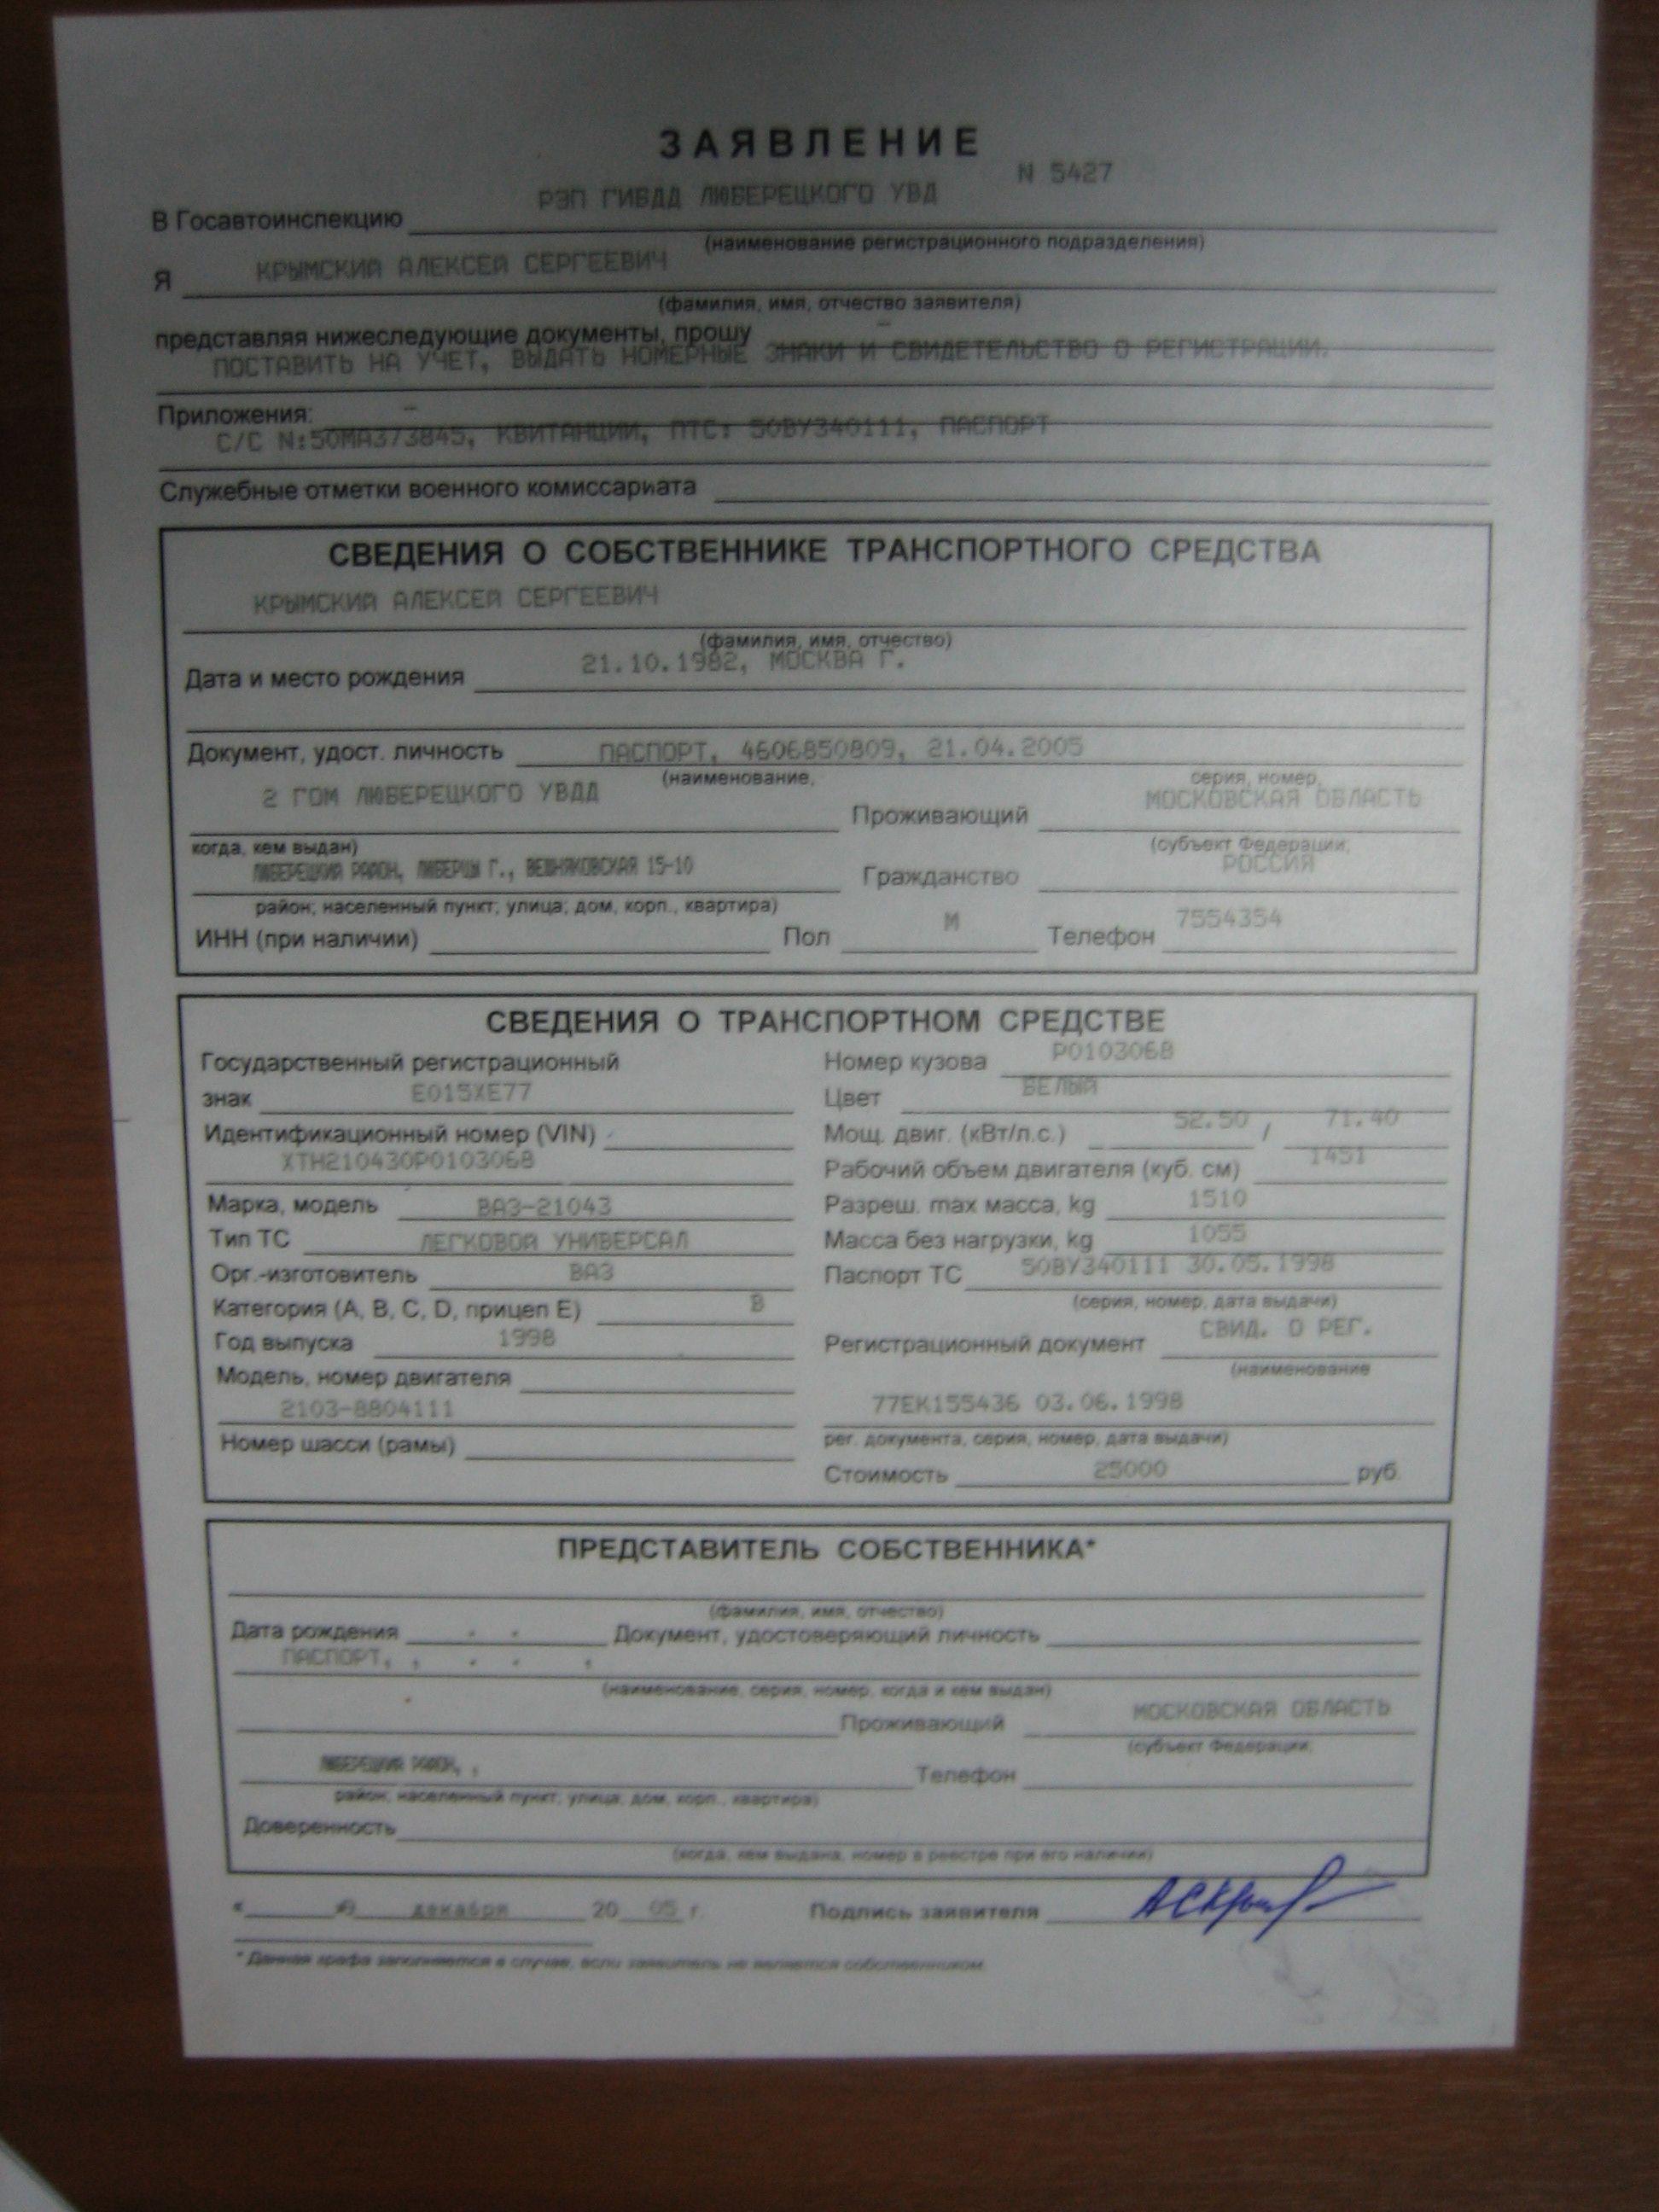 бланк заявление в гаи на постановку на учет образец